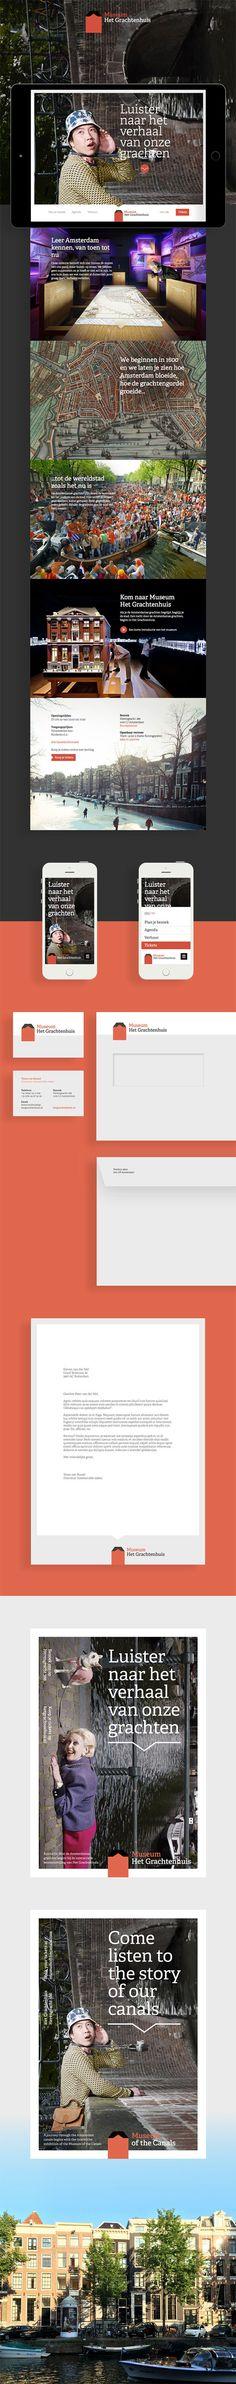 Made @fabrique. Credits; Design; Steven van der Wel. Photos; Jouk Oosterhof for Museum Het Grachtenhuis.